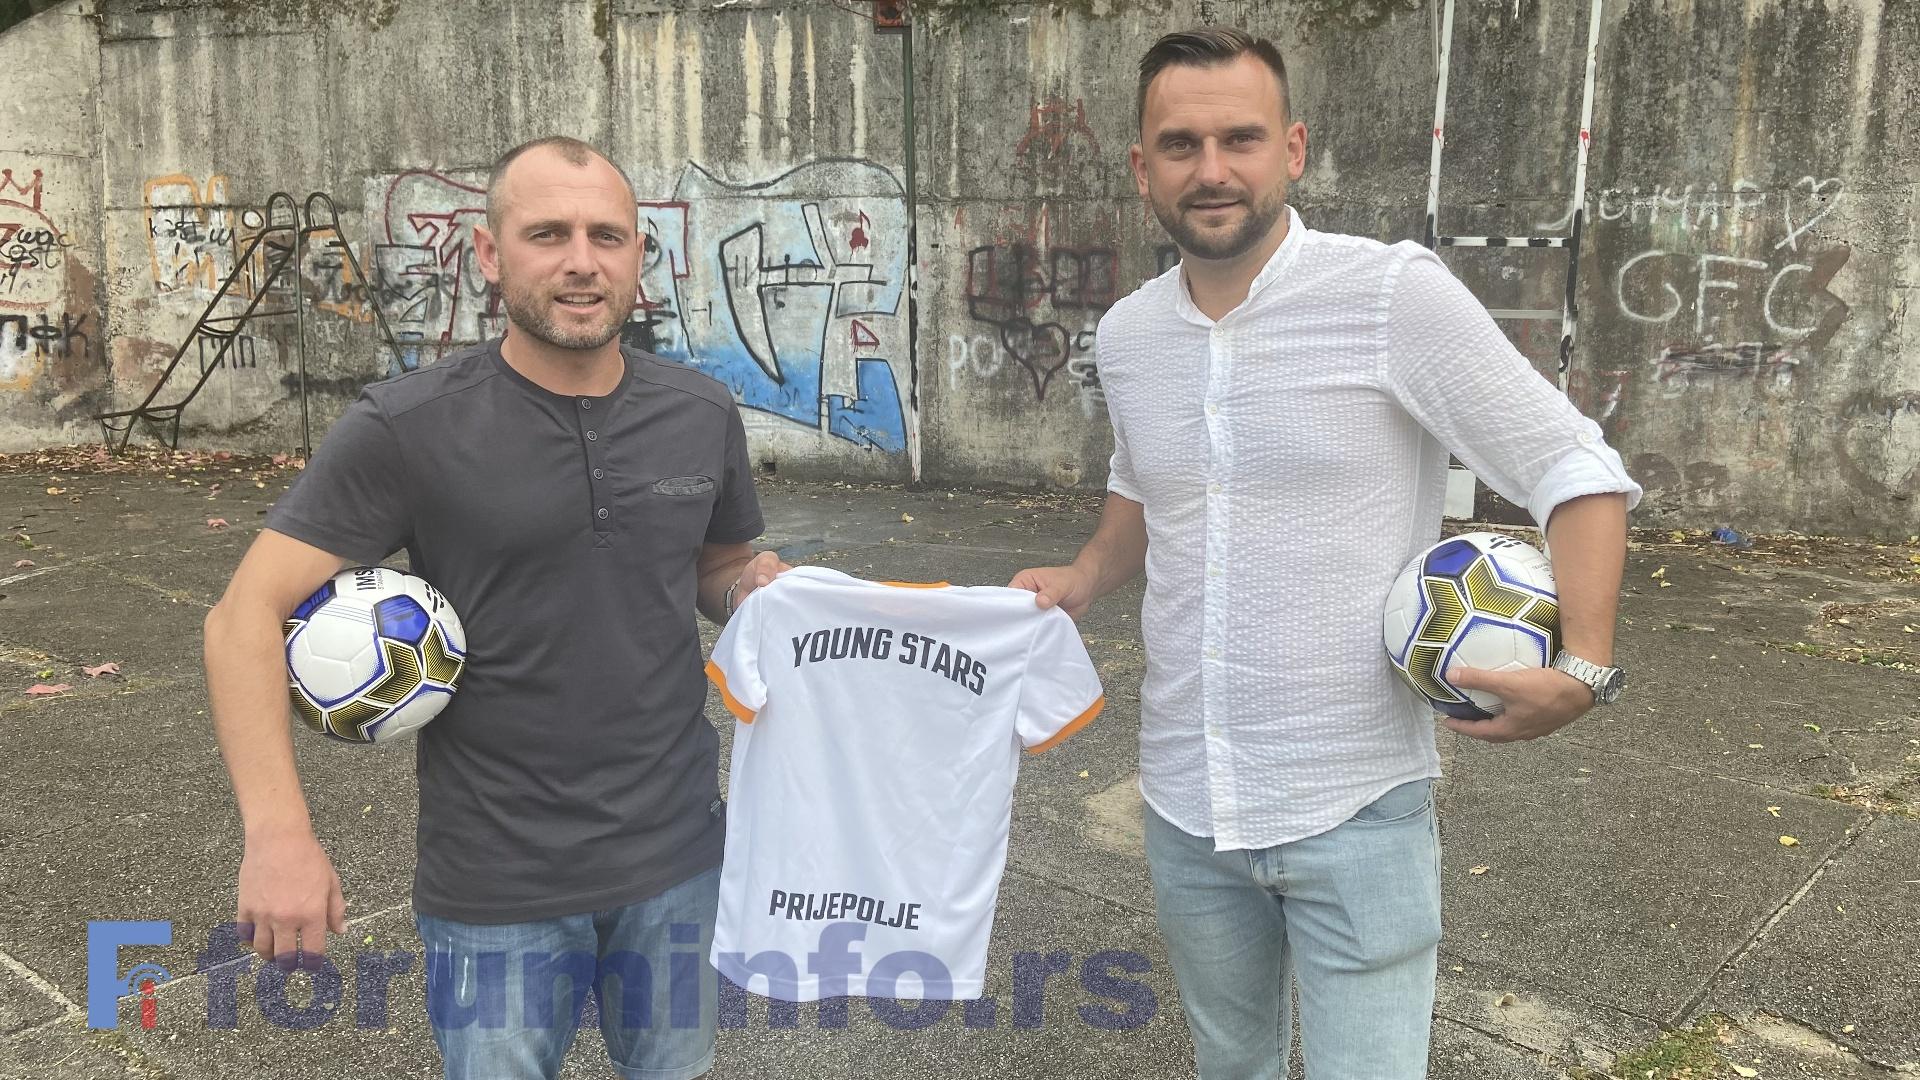 """Нова звезда на фудбалској сцени Пријепоља – почиње са радом школа фудбала """"Јанг Старс"""""""